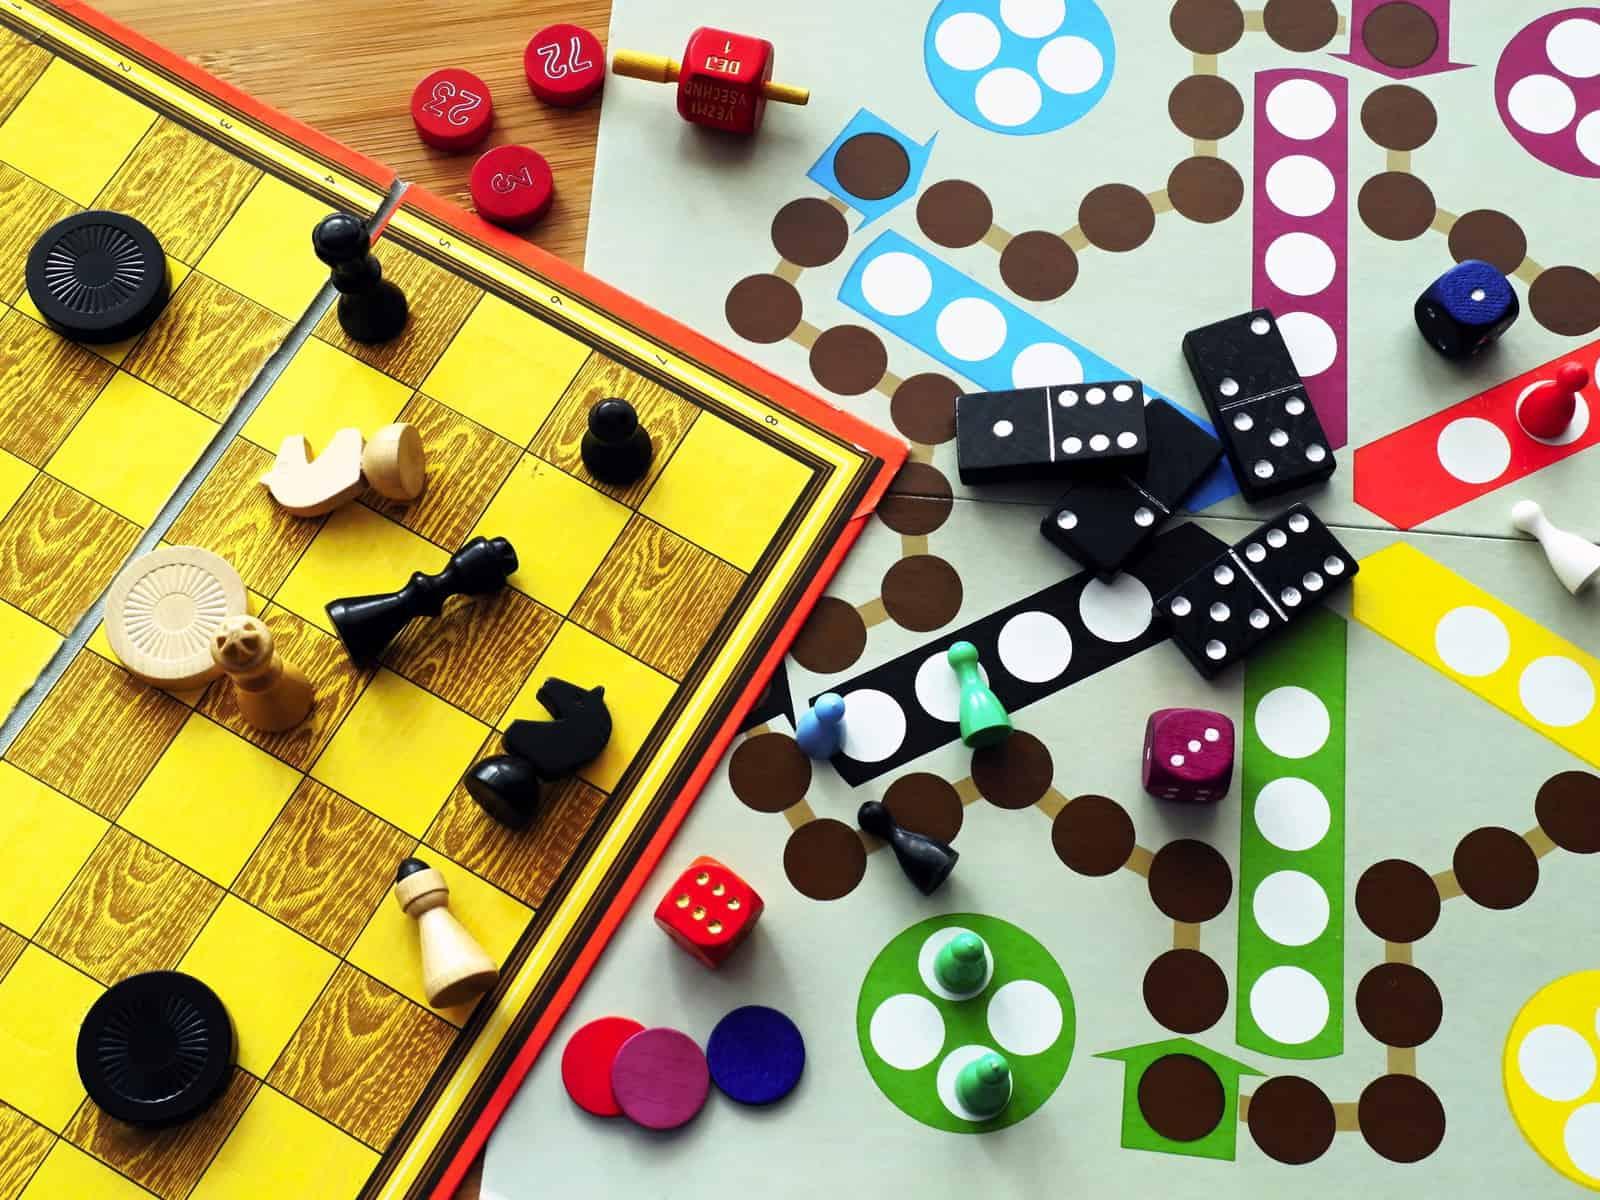 Board games, screen-free activities